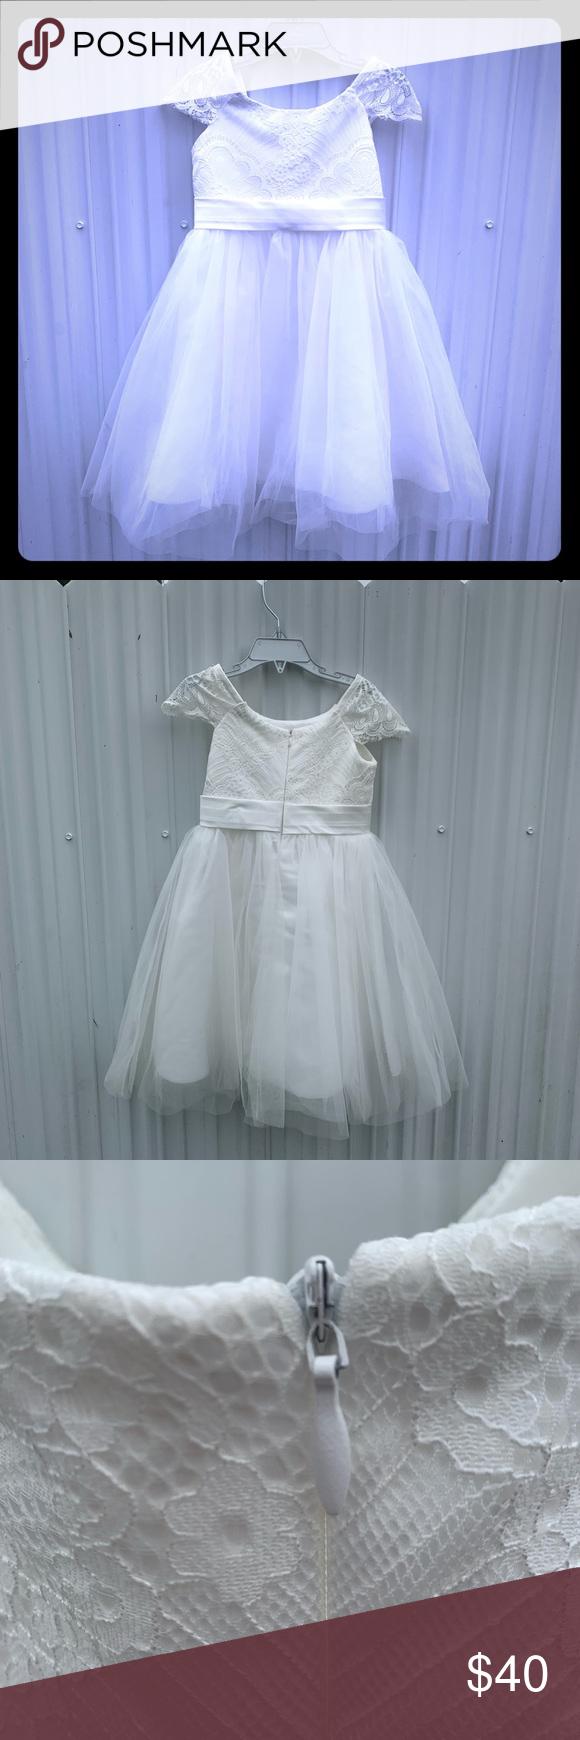 Handmade Flower Girl Dress Size 4t Handmade Flower Girl Dress Flower Girl Dresses Dresses [ 1740 x 580 Pixel ]